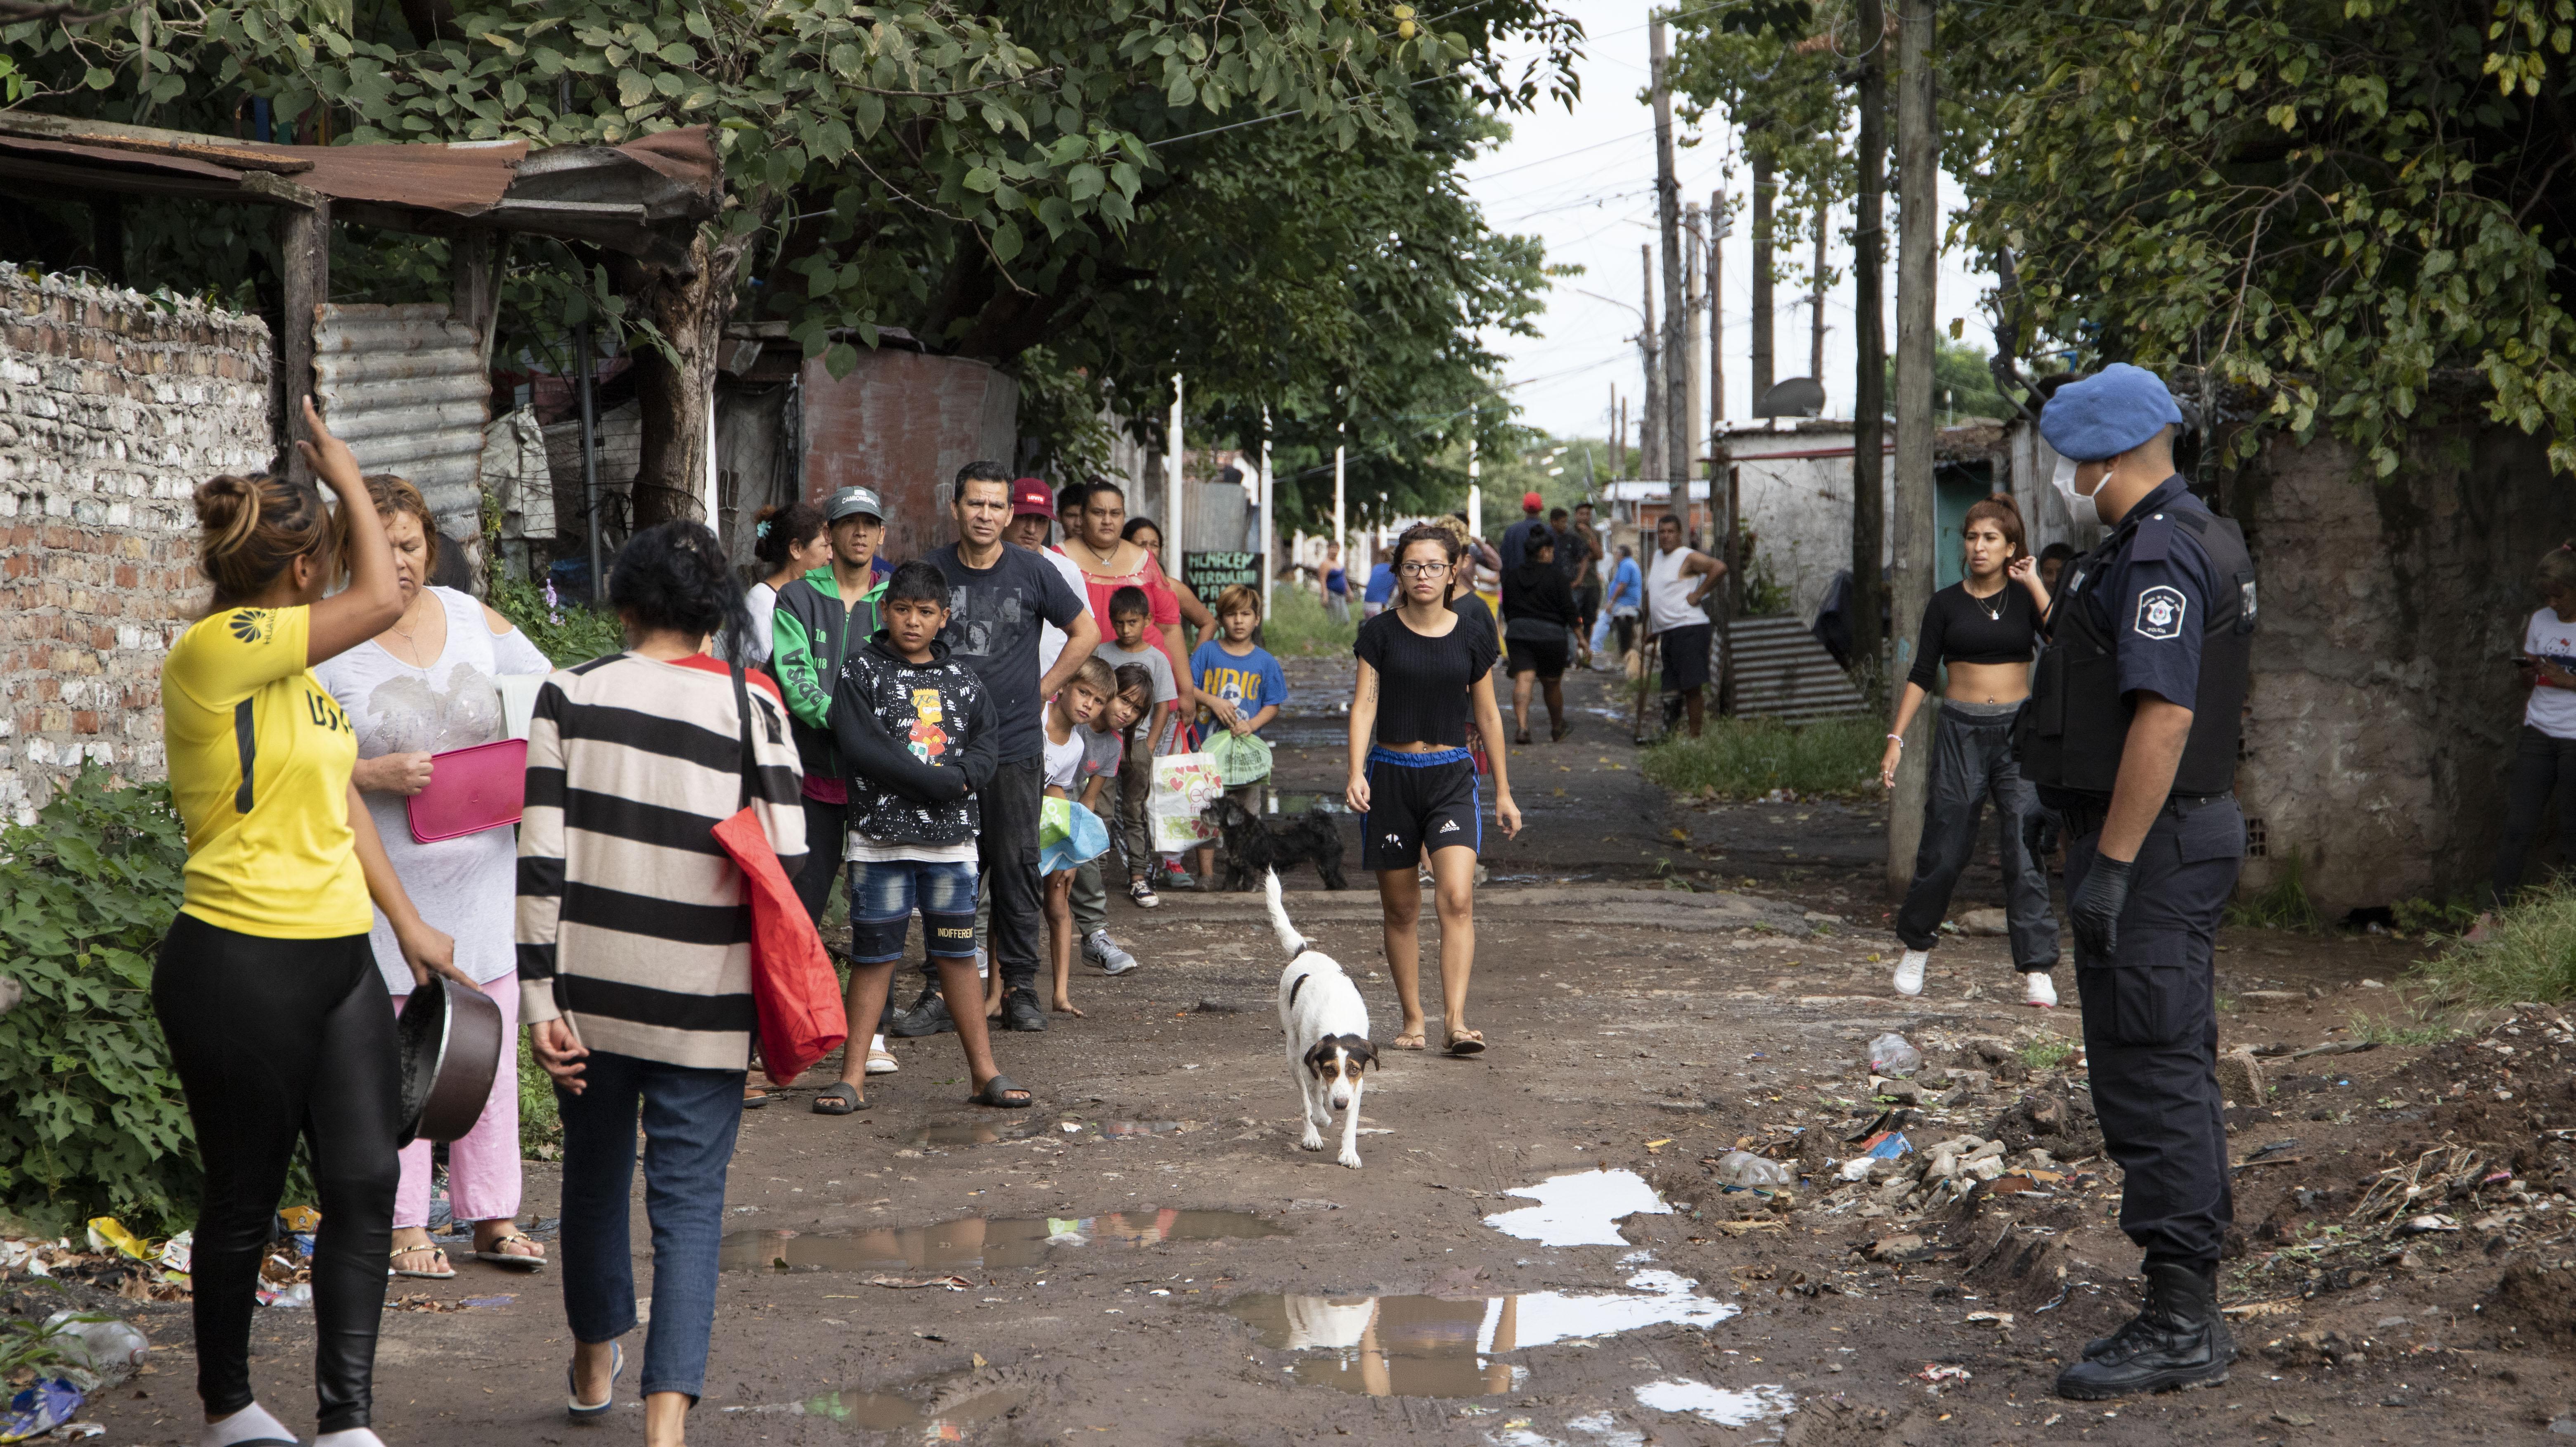 Los vecinos salieron de sus casas e hicieron la cola en las calles de tierra